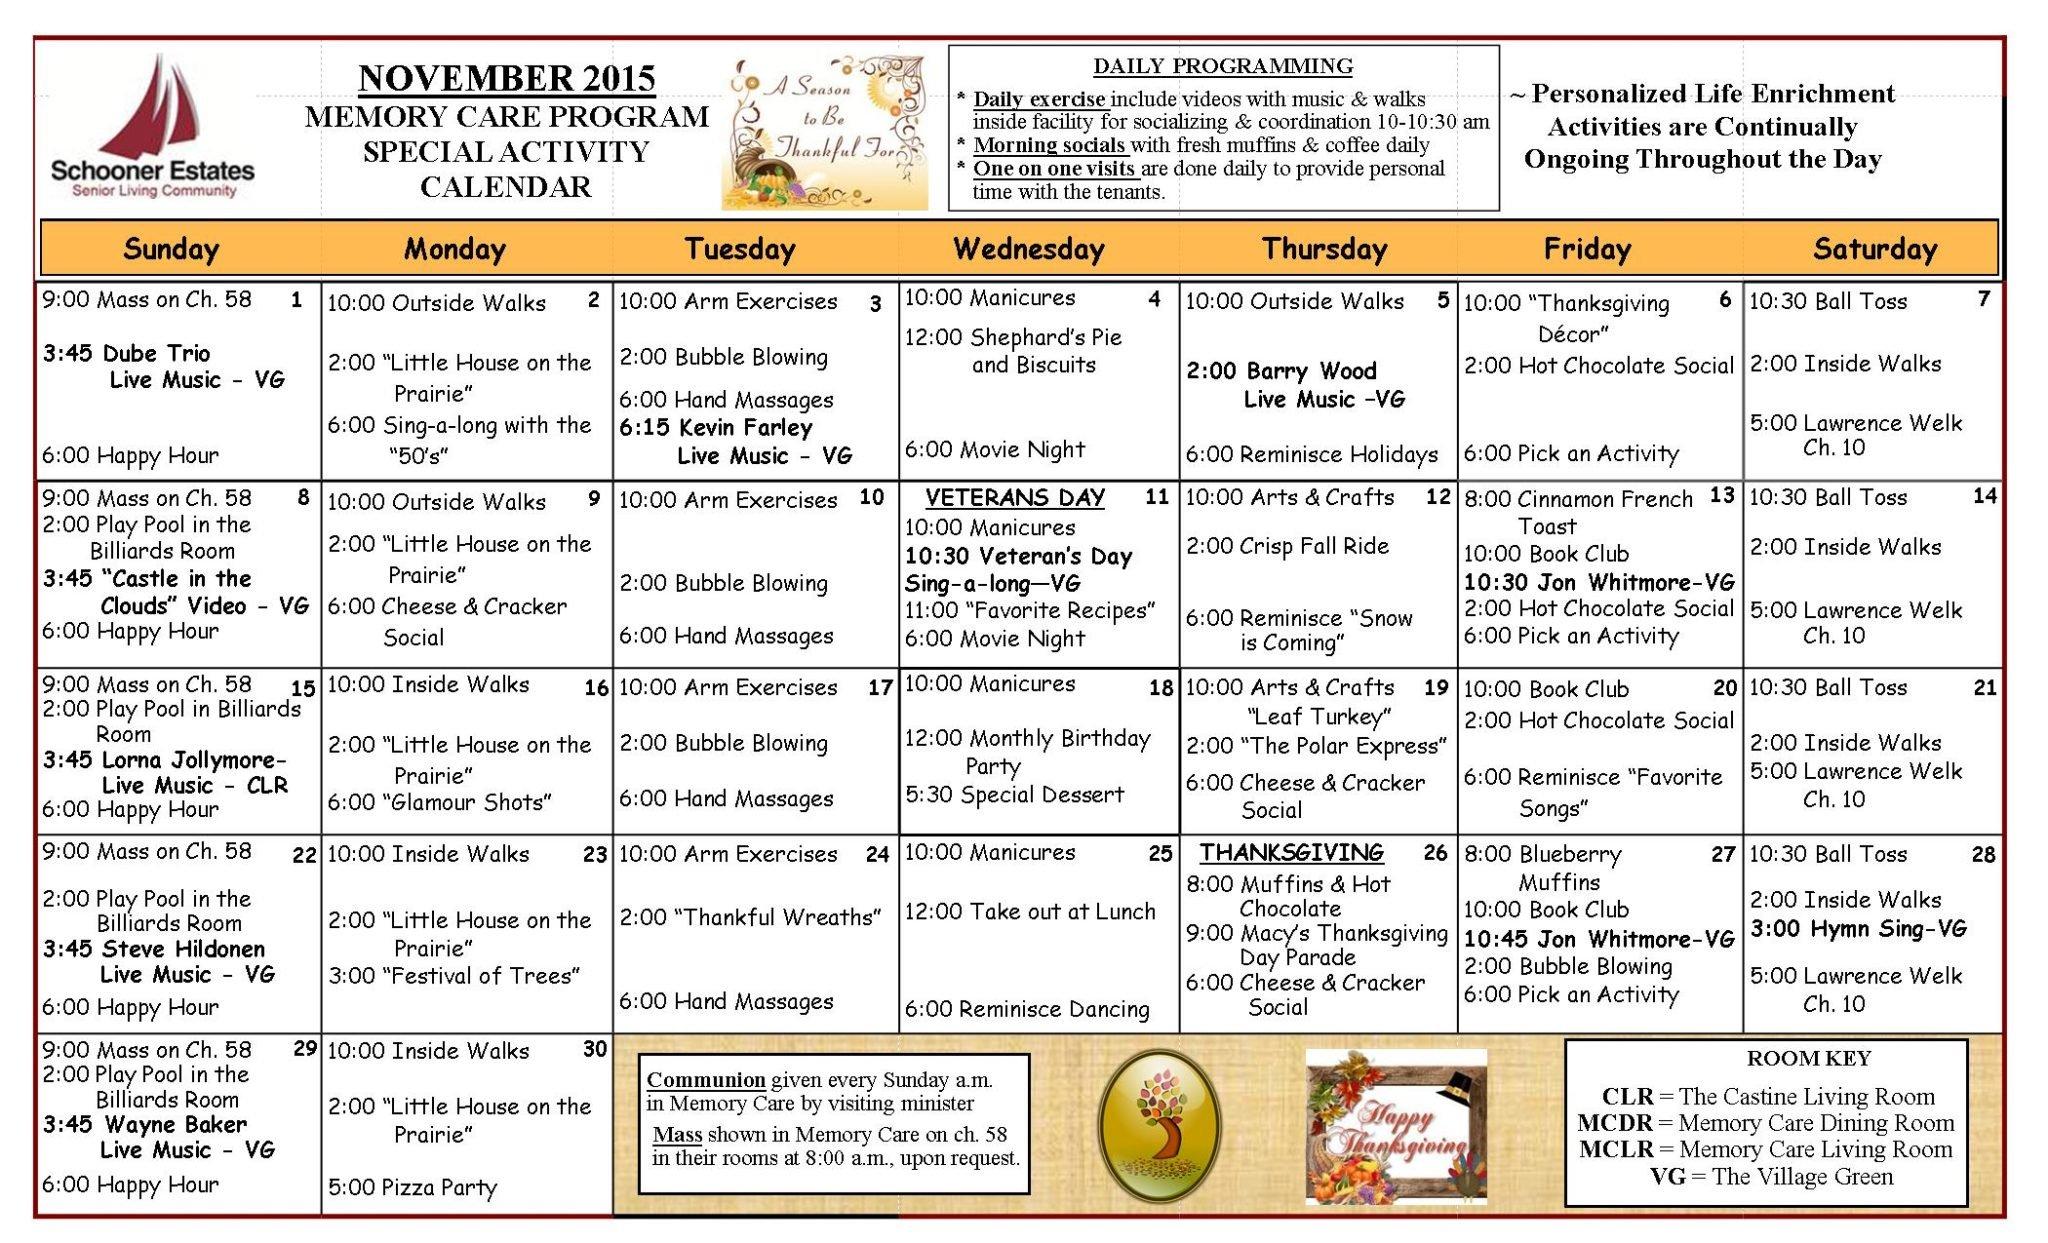 November 2015 Memory Care Activity Calendar